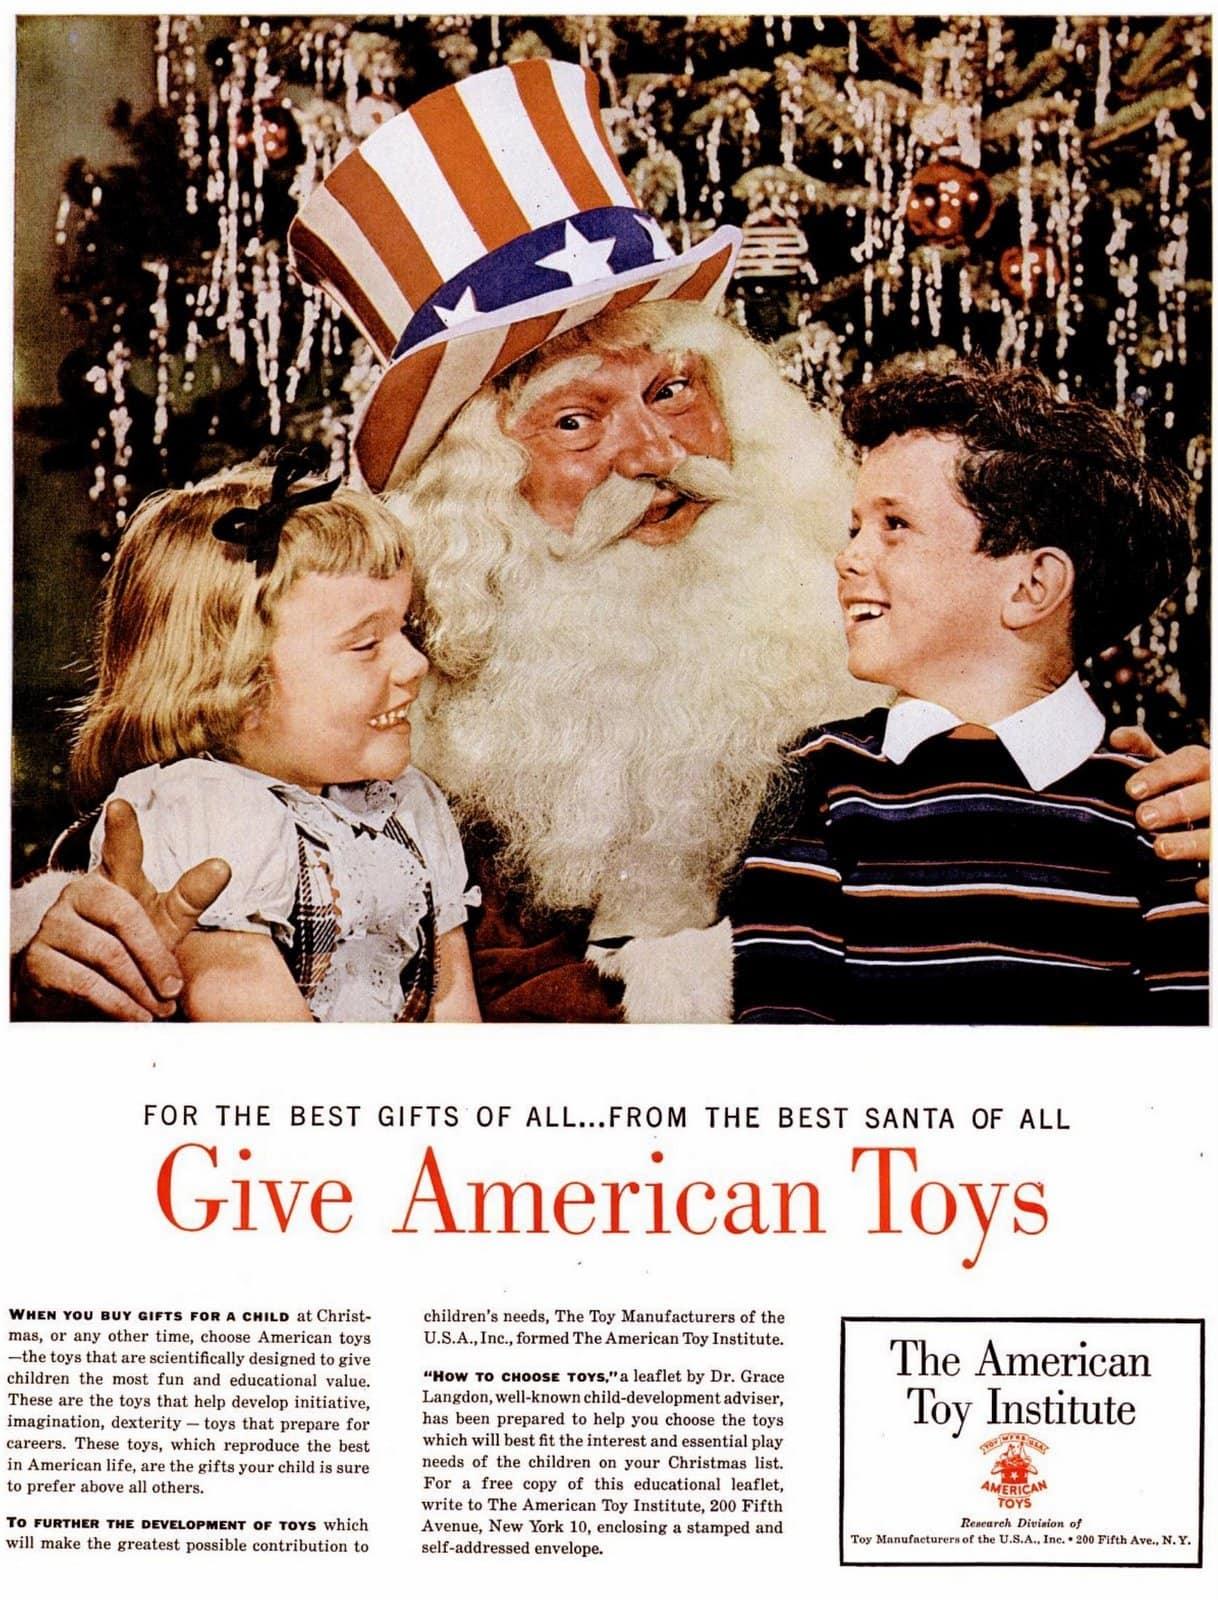 Nov 23, 1953 - Santa says give American toys to kids for Christmas